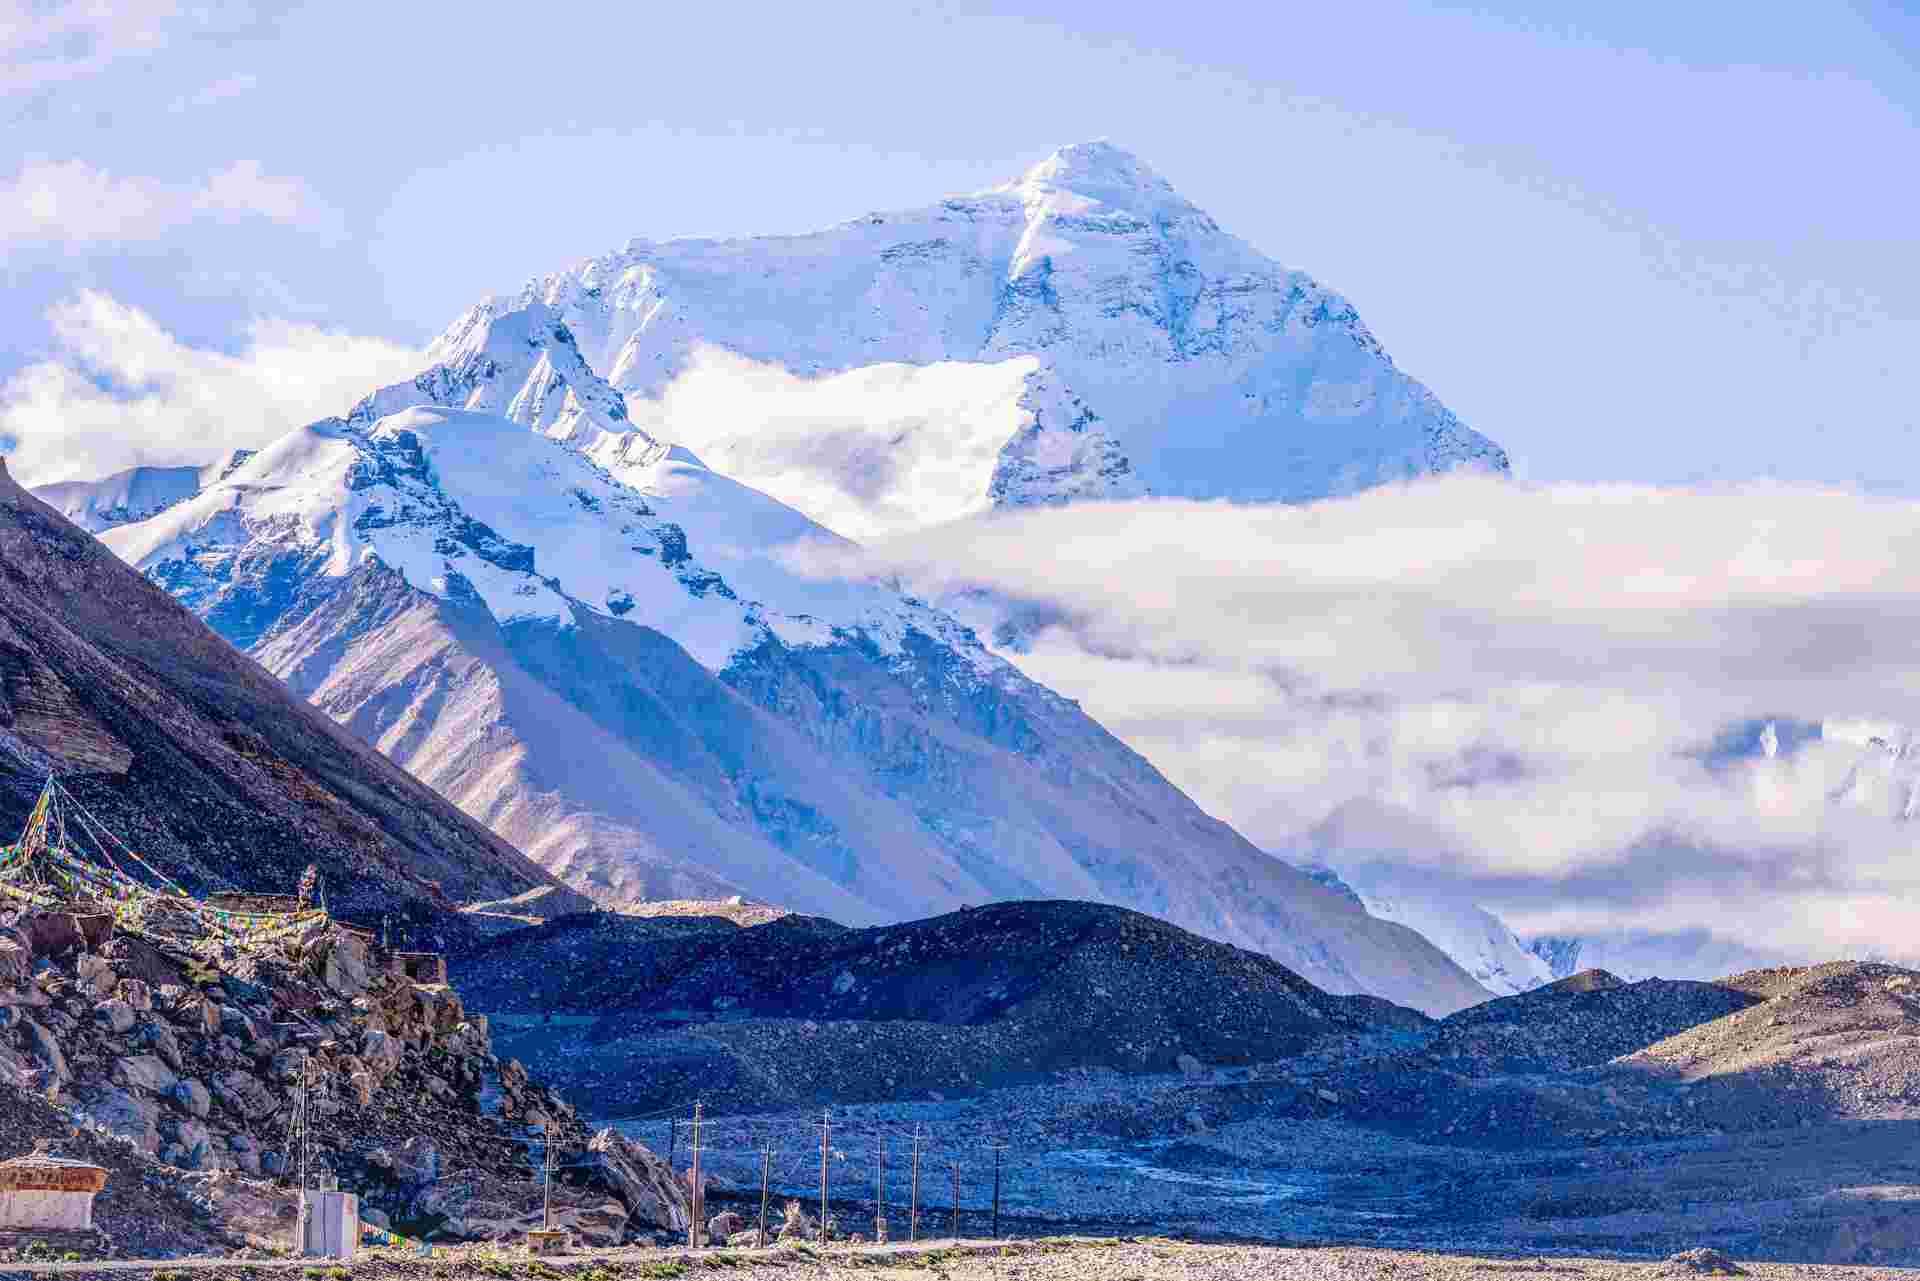 珠穆朗玛峰上出现新冠疫情,17名登山者确诊!网友:病毒会不会一直在珠峰存活?